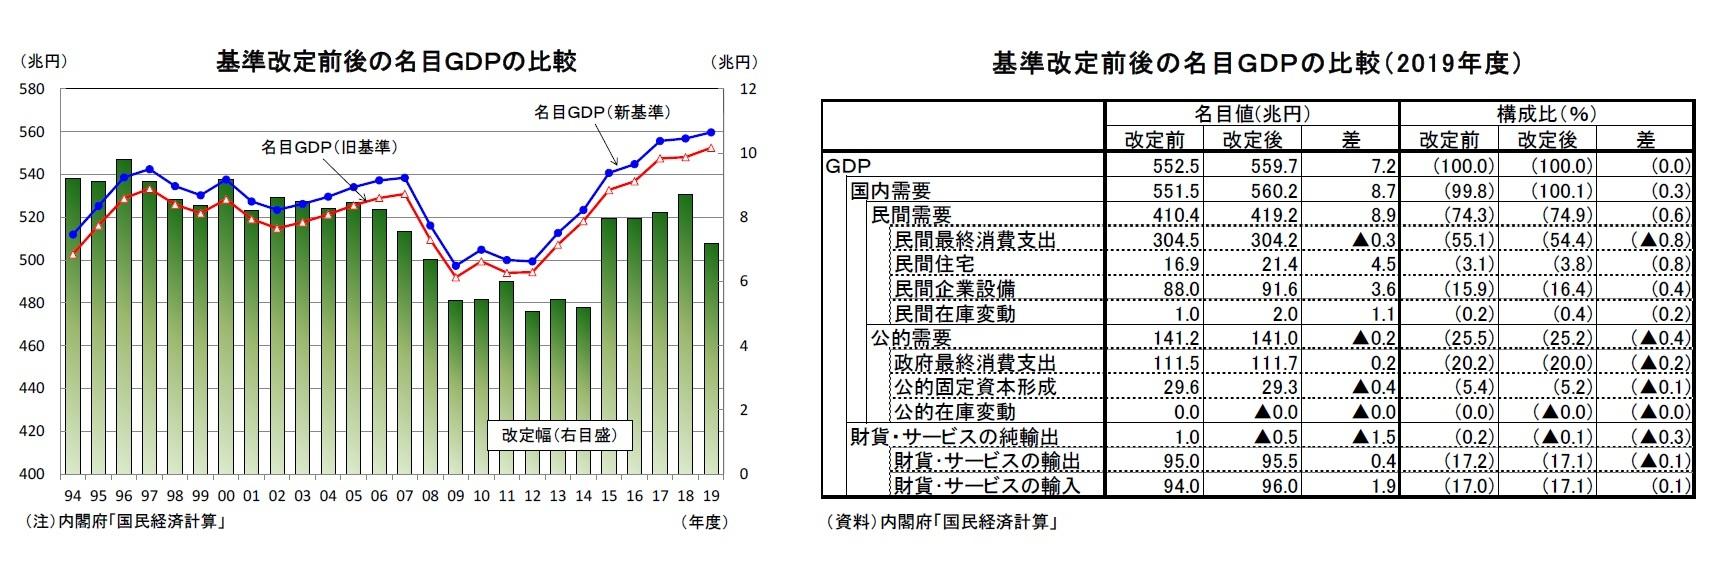 基準改定前後の名目GDPの比較/基準改定前後の名目GDPの比較(2019年度)